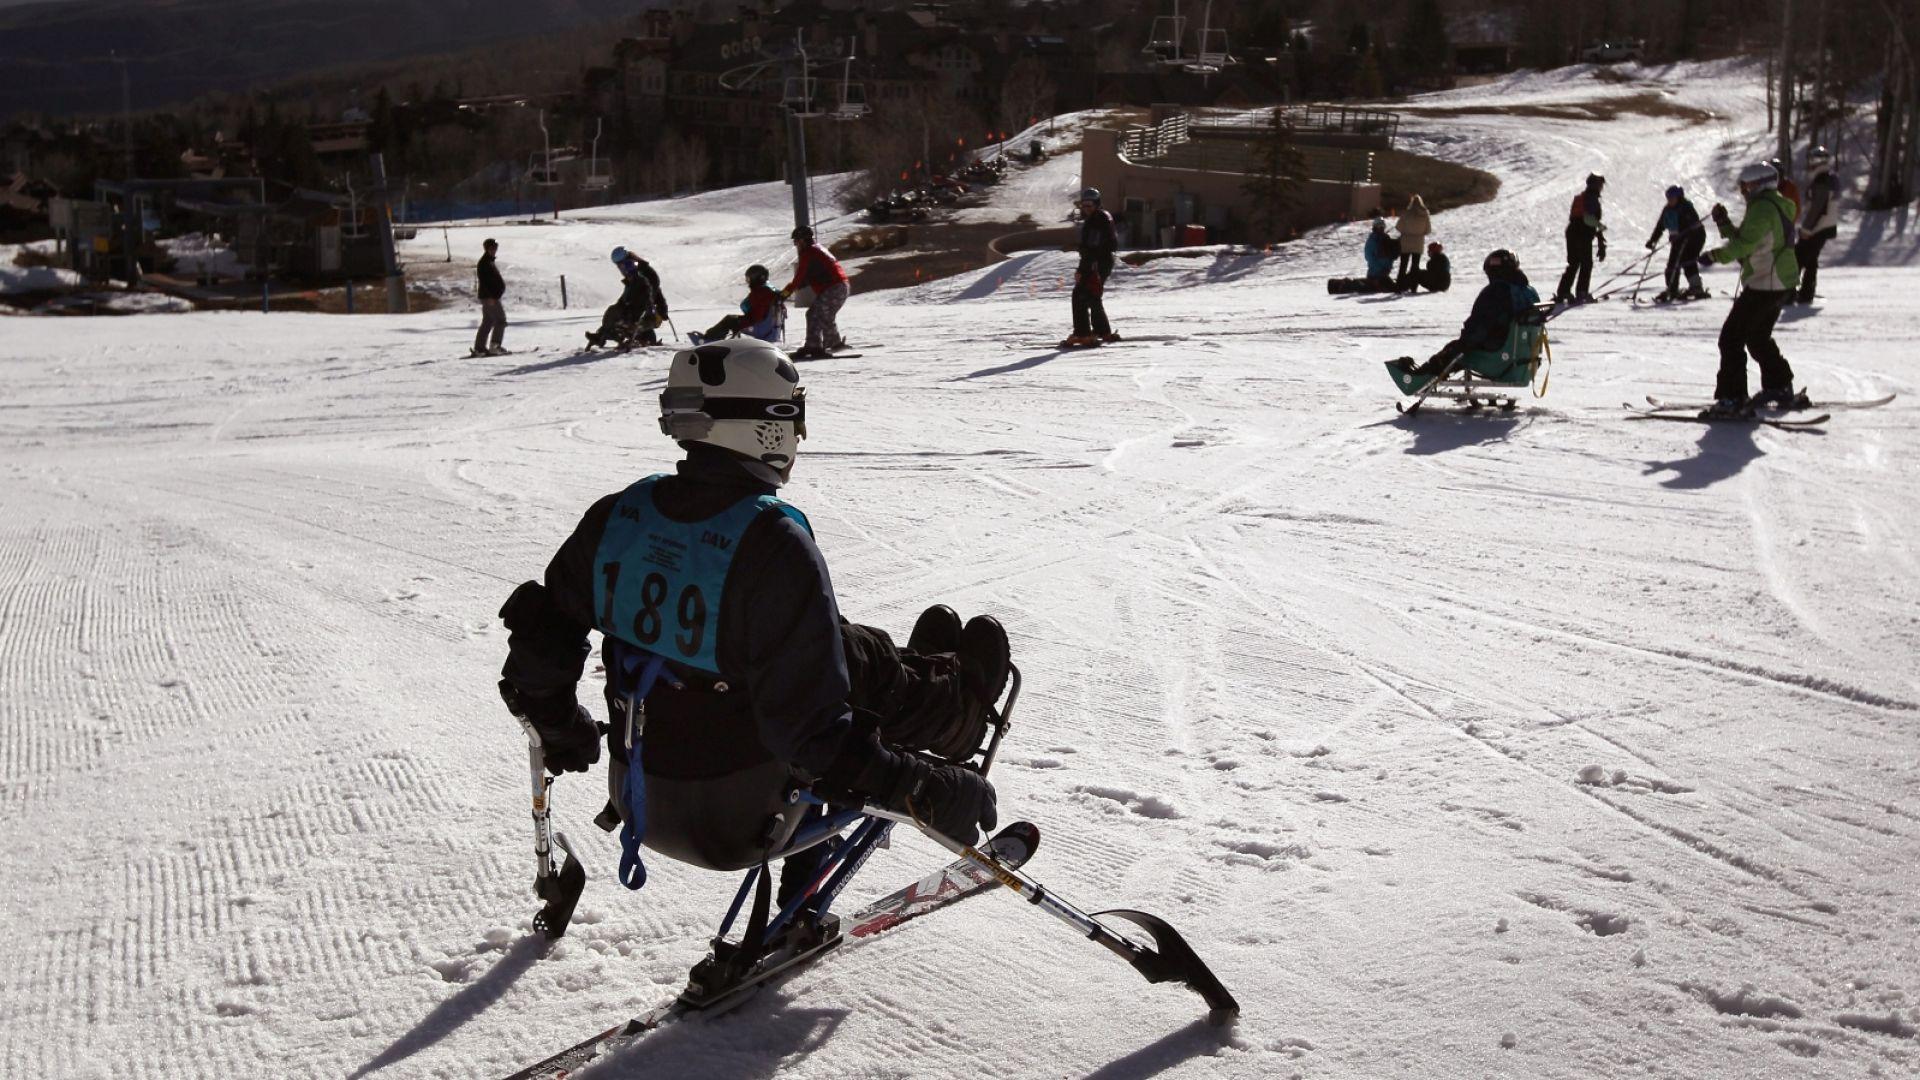 randki na nartach ile lat randki przed przeprowadzką